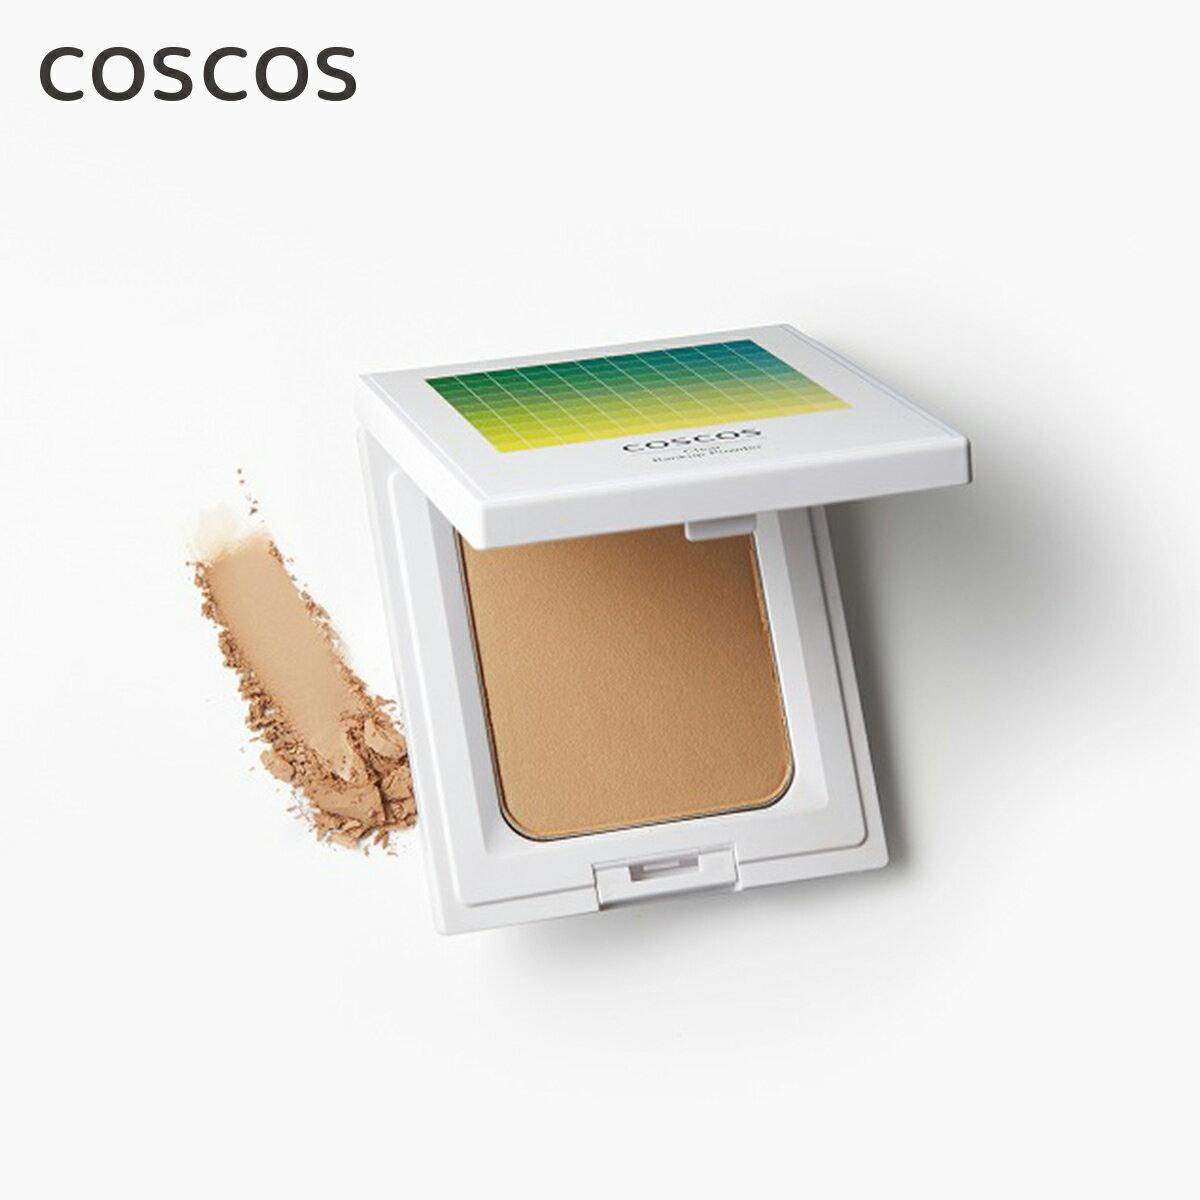 COSCOS コスプレ用 クリアランクアップパウダー(BR01 褐色) コスコス こすこす コスプレイヤー コスプレ メイク [リベルタ]